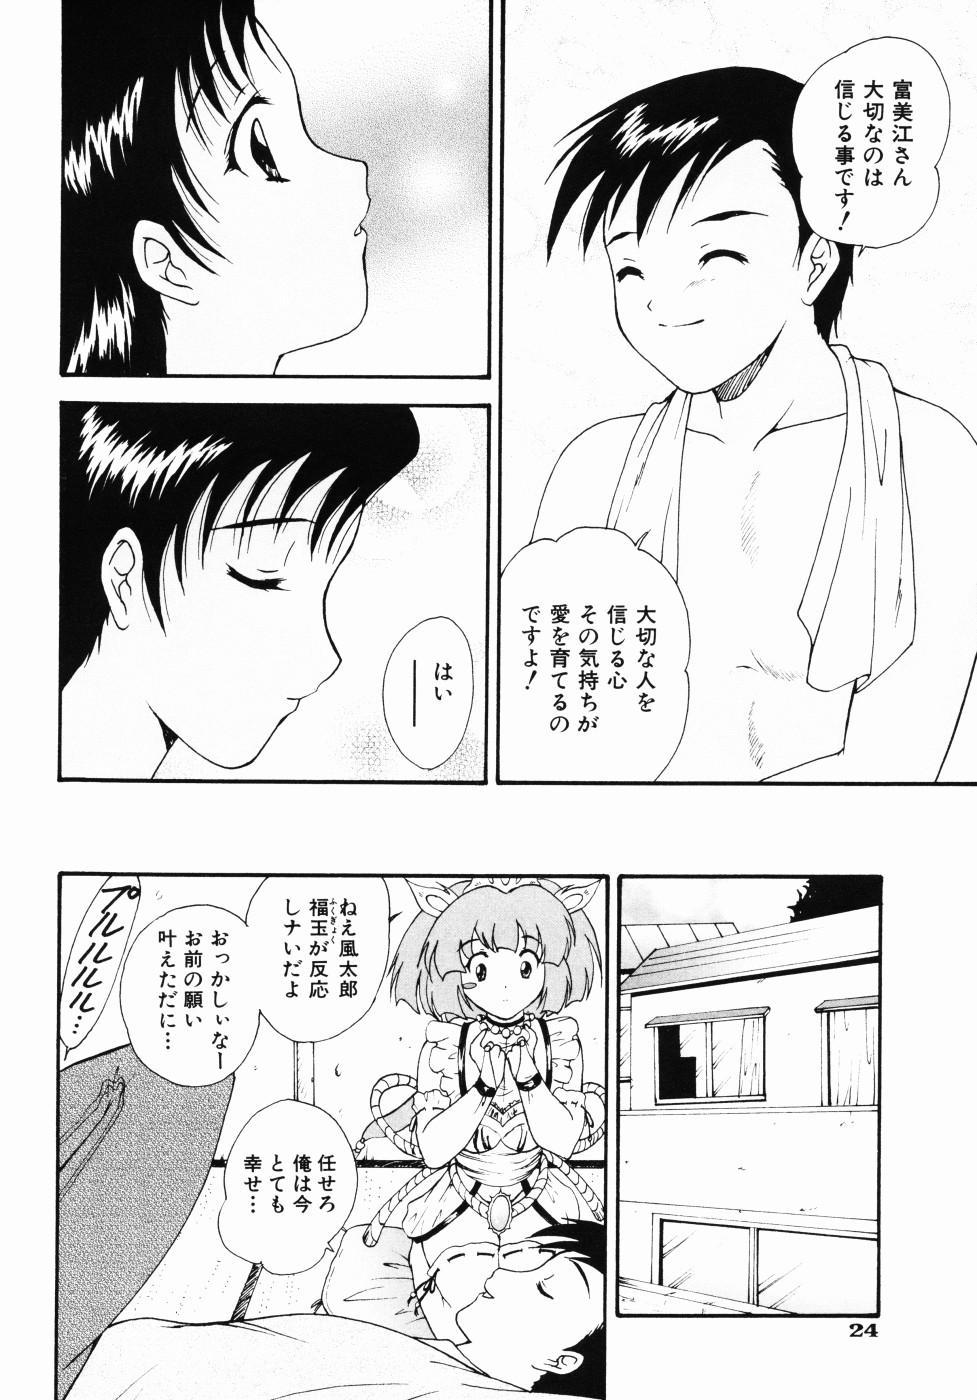 Daikyou Megami 28